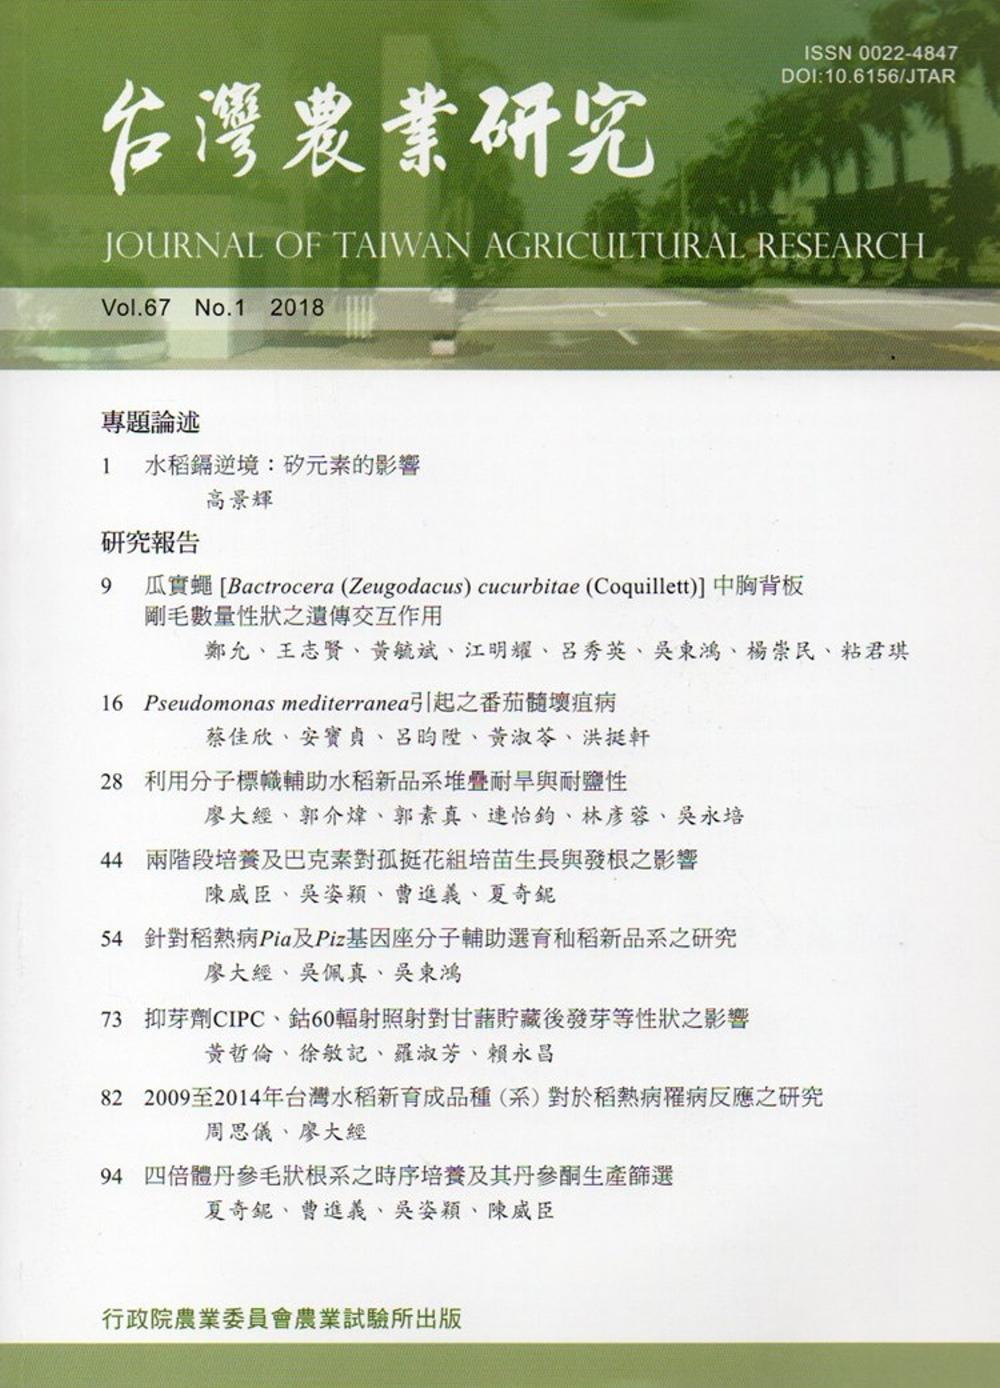 台灣農業研究季刊第67卷1期(107/03)